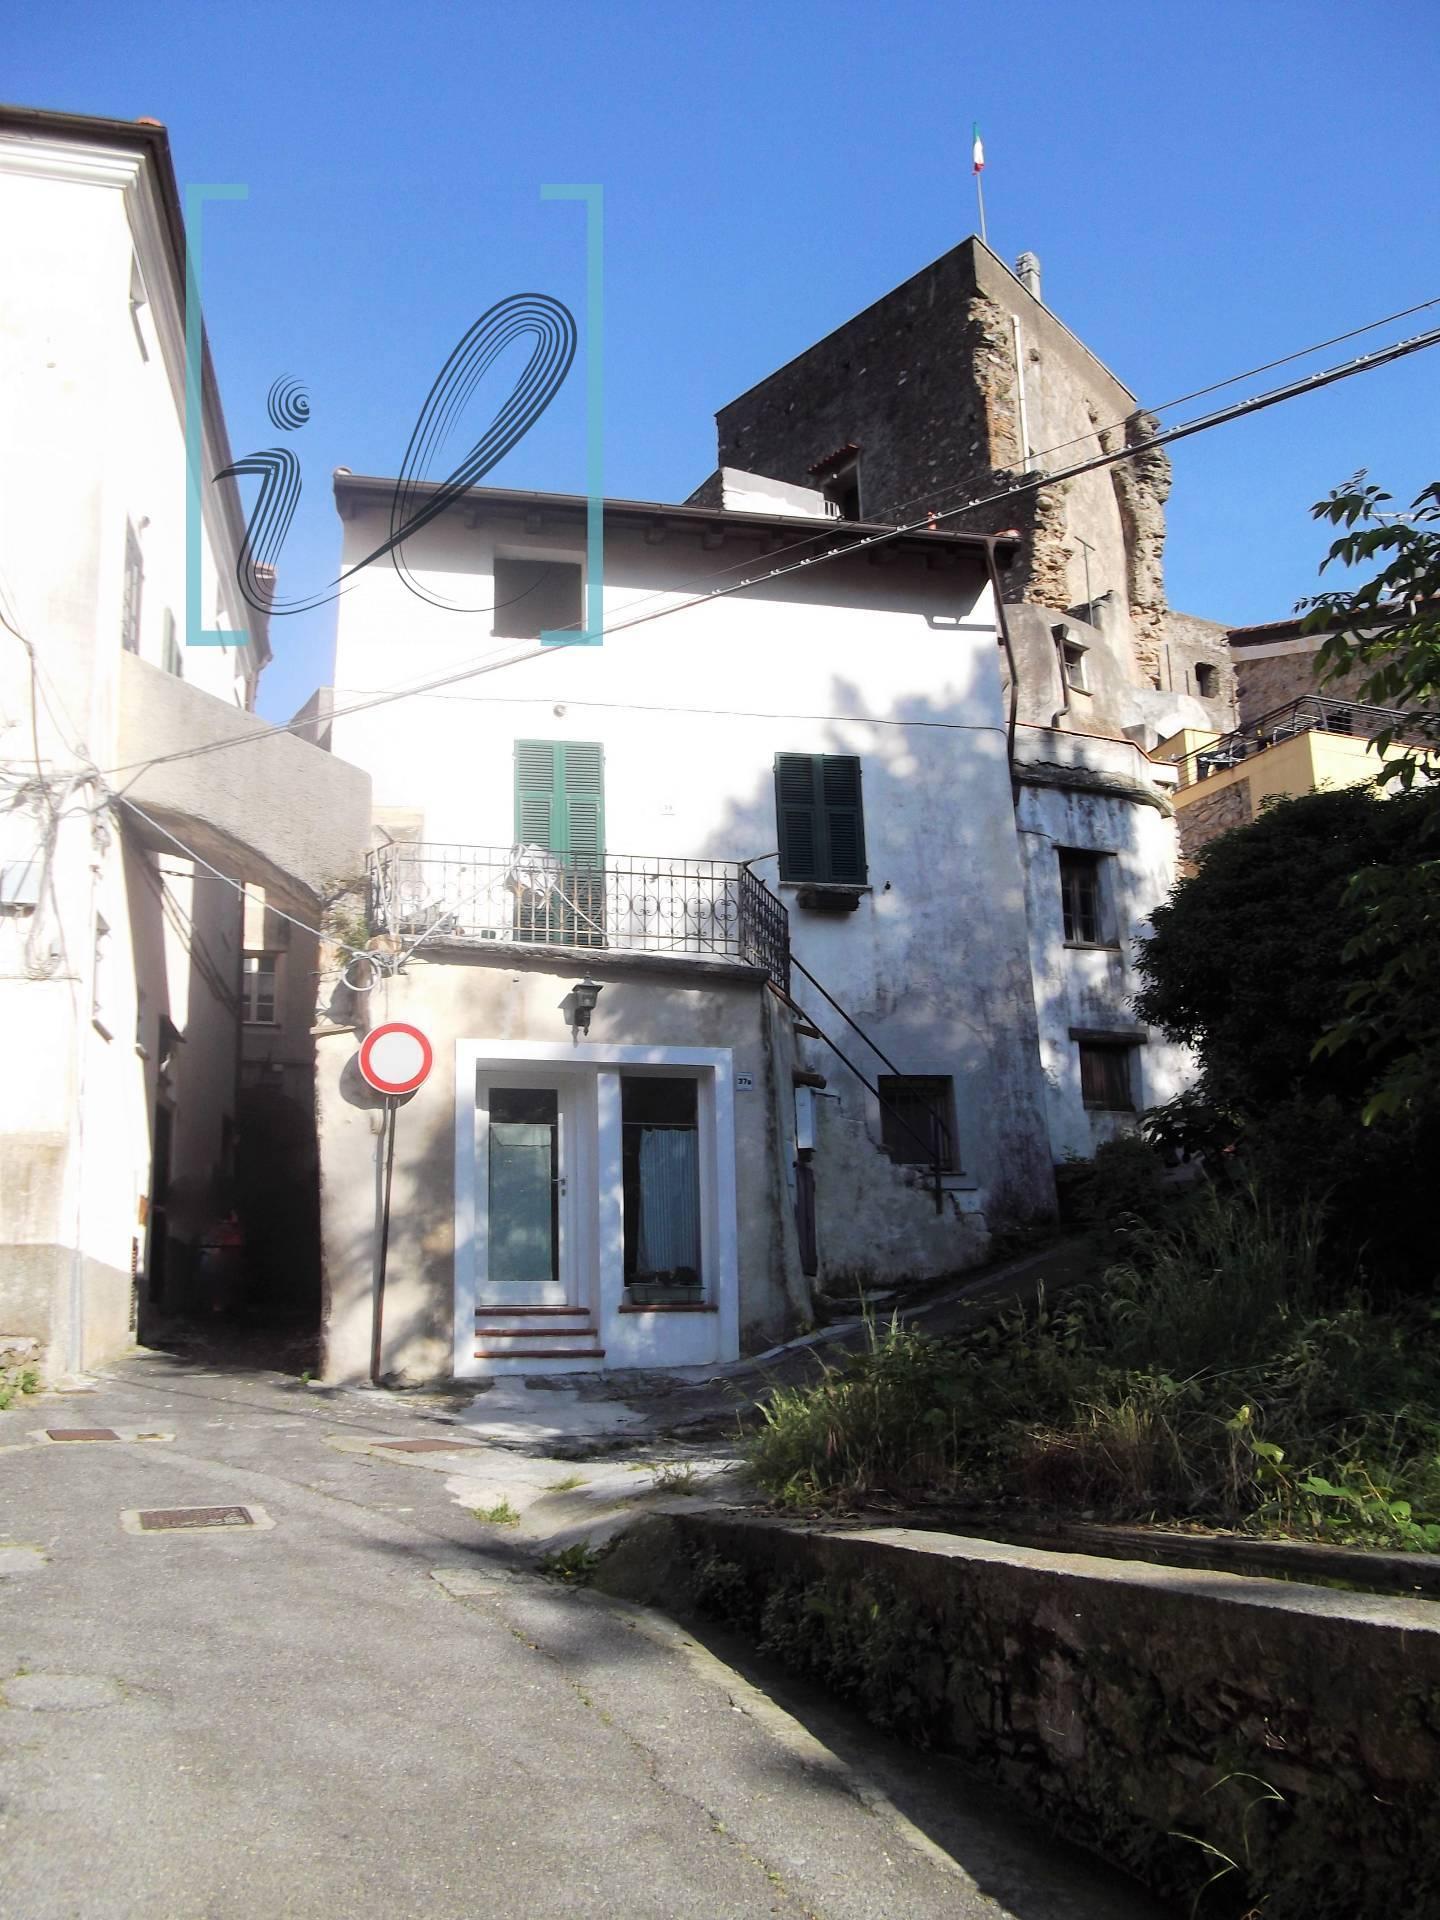 Rustico / Casale in vendita a Cisano sul Neva, 4 locali, prezzo € 55.000   PortaleAgenzieImmobiliari.it